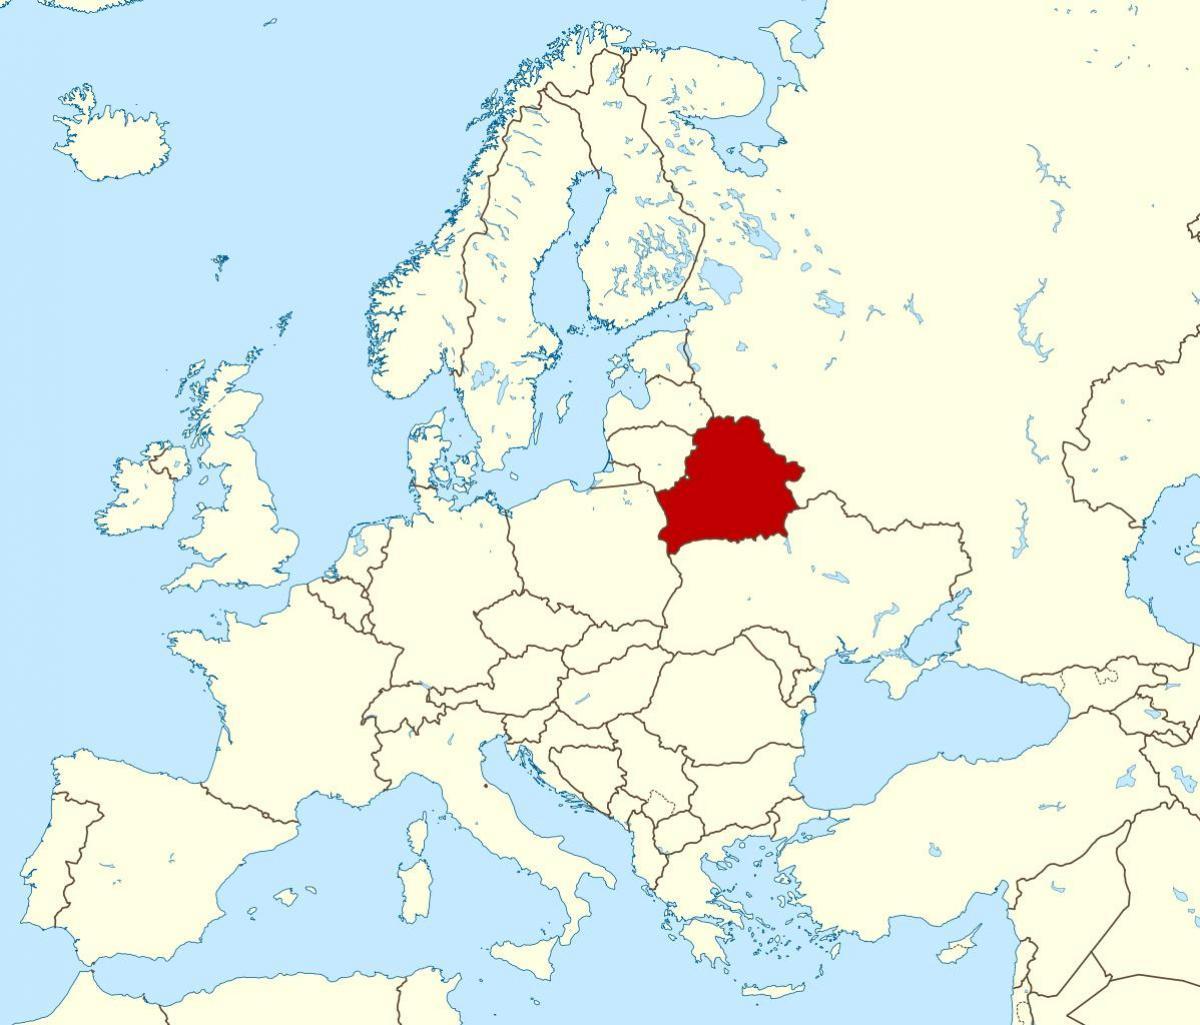 Lukašenko prisilio avion Ryanaira da sleti u Minsk kako bi uhitio oporbenog blogera Bjelorusija-na-karti-svijeta